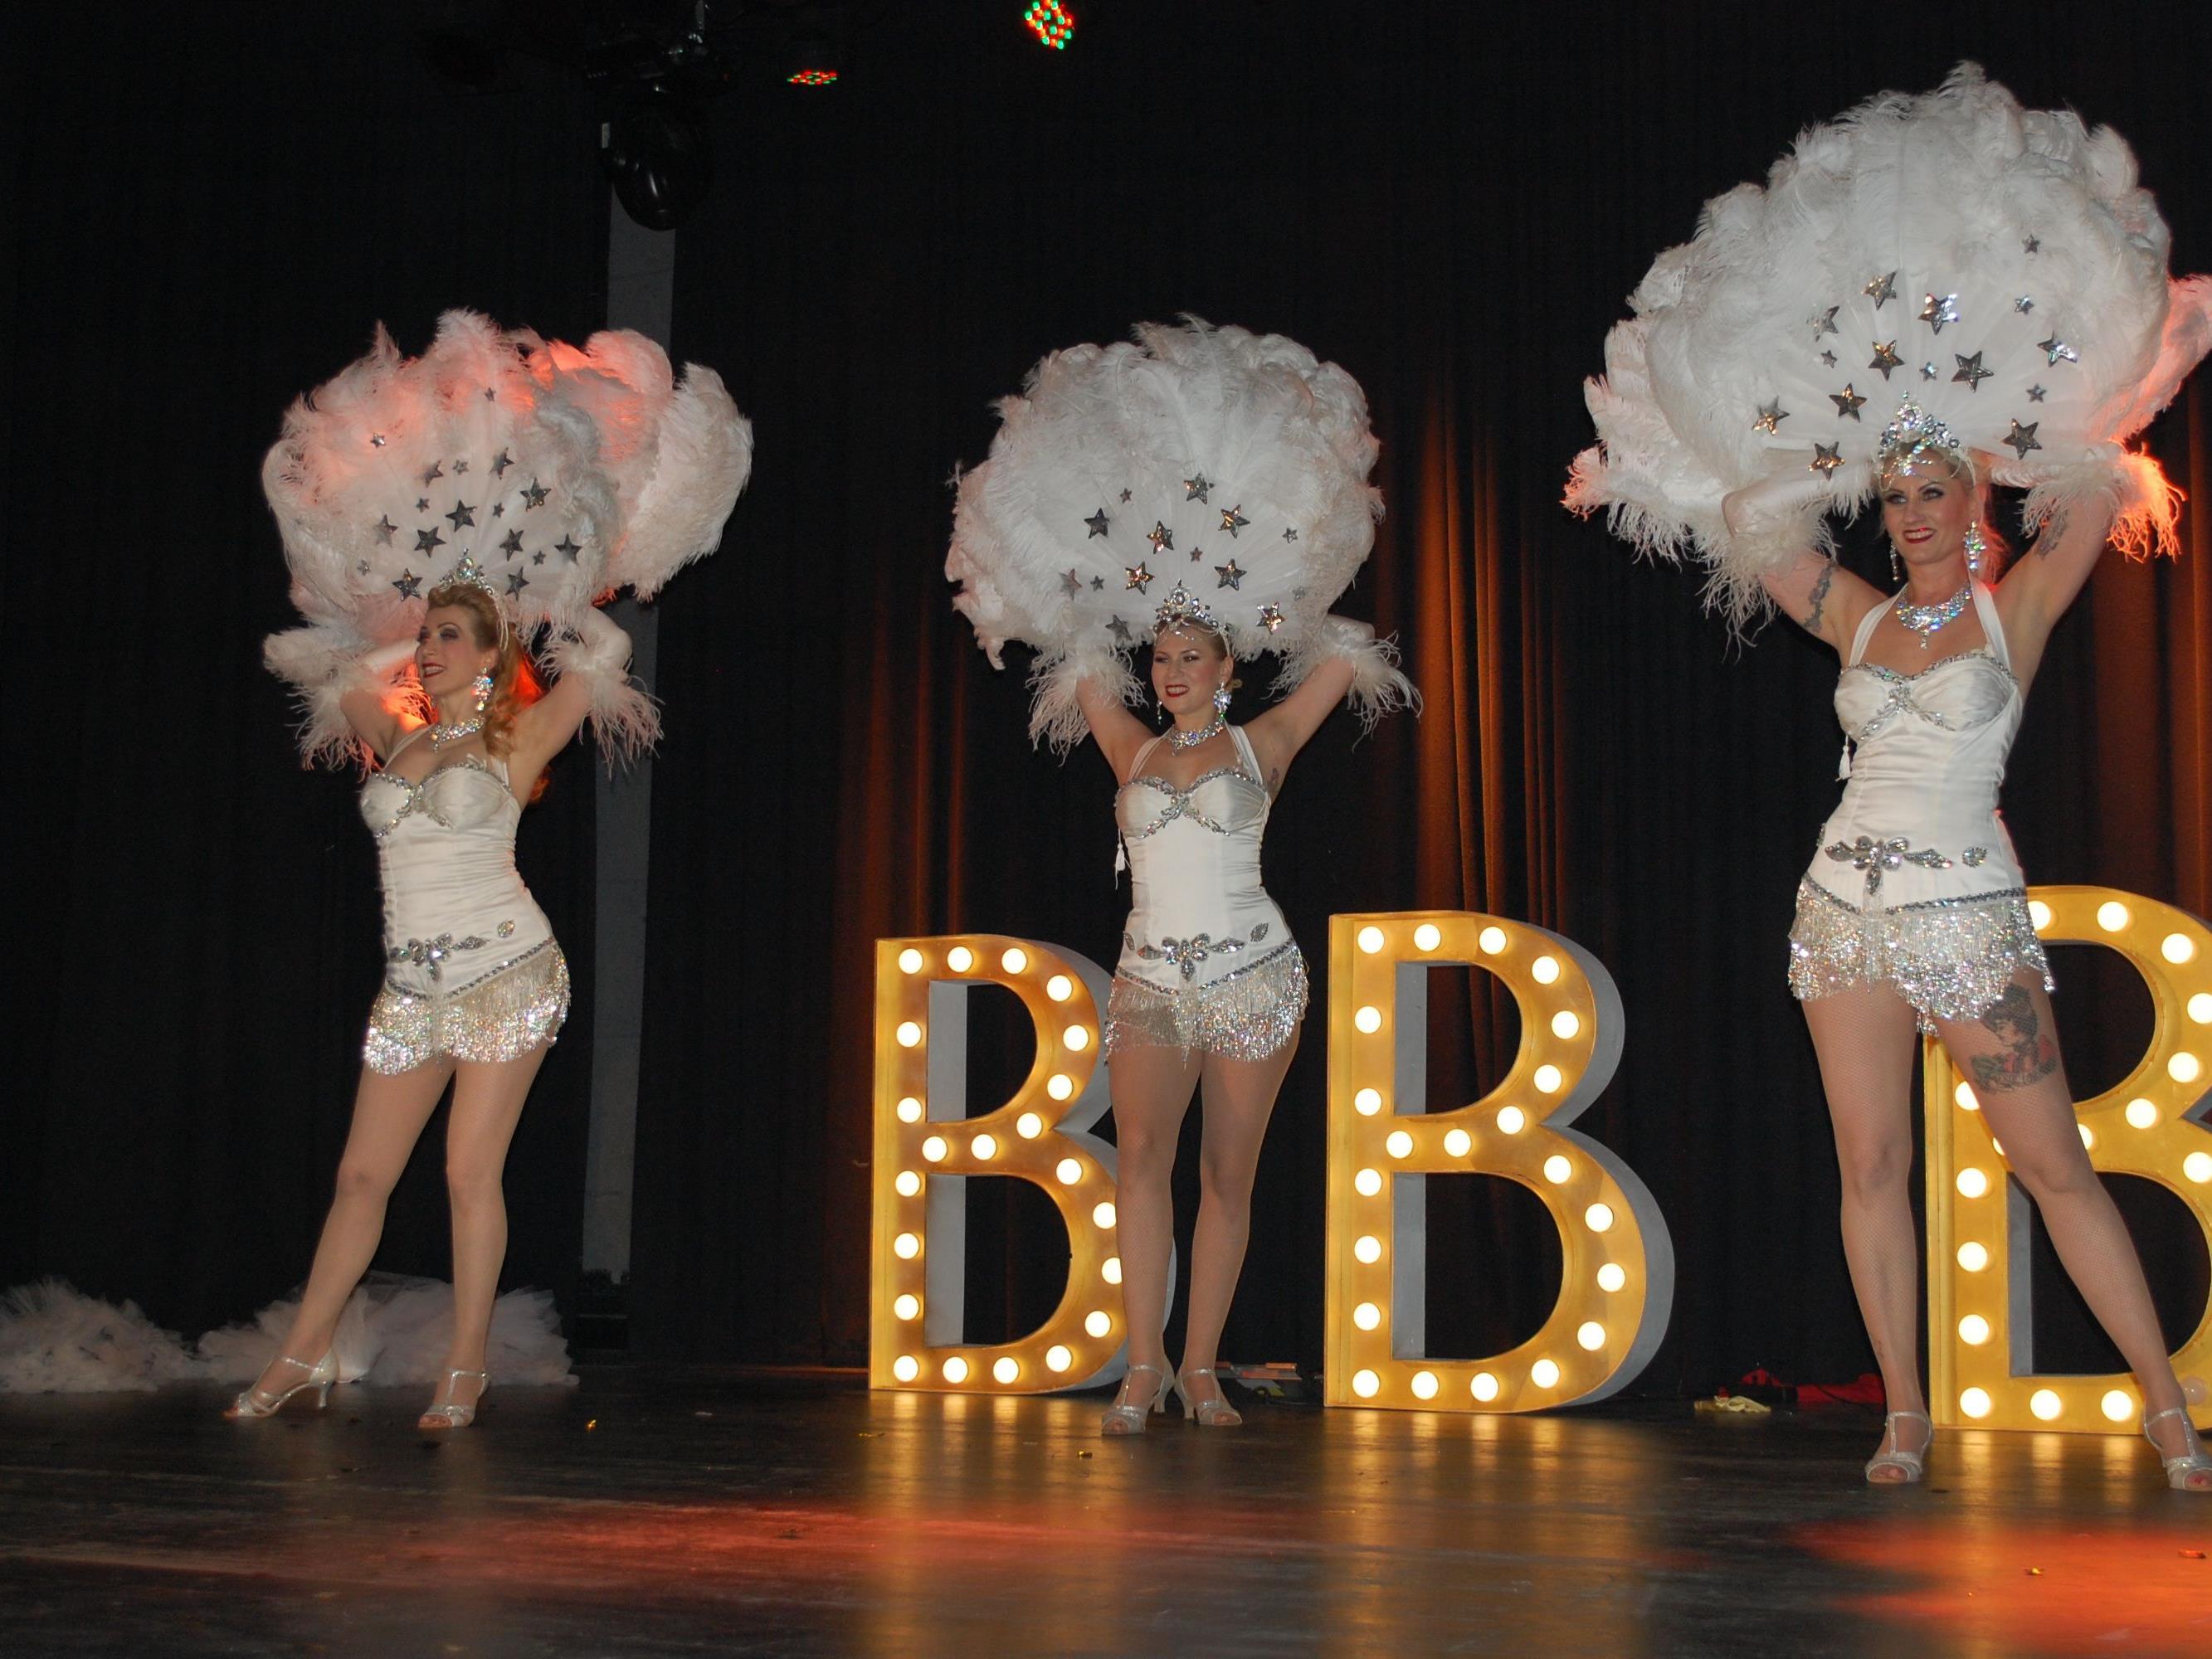 Langbeinige, sexy Blondinen verzauberten das Publikum.